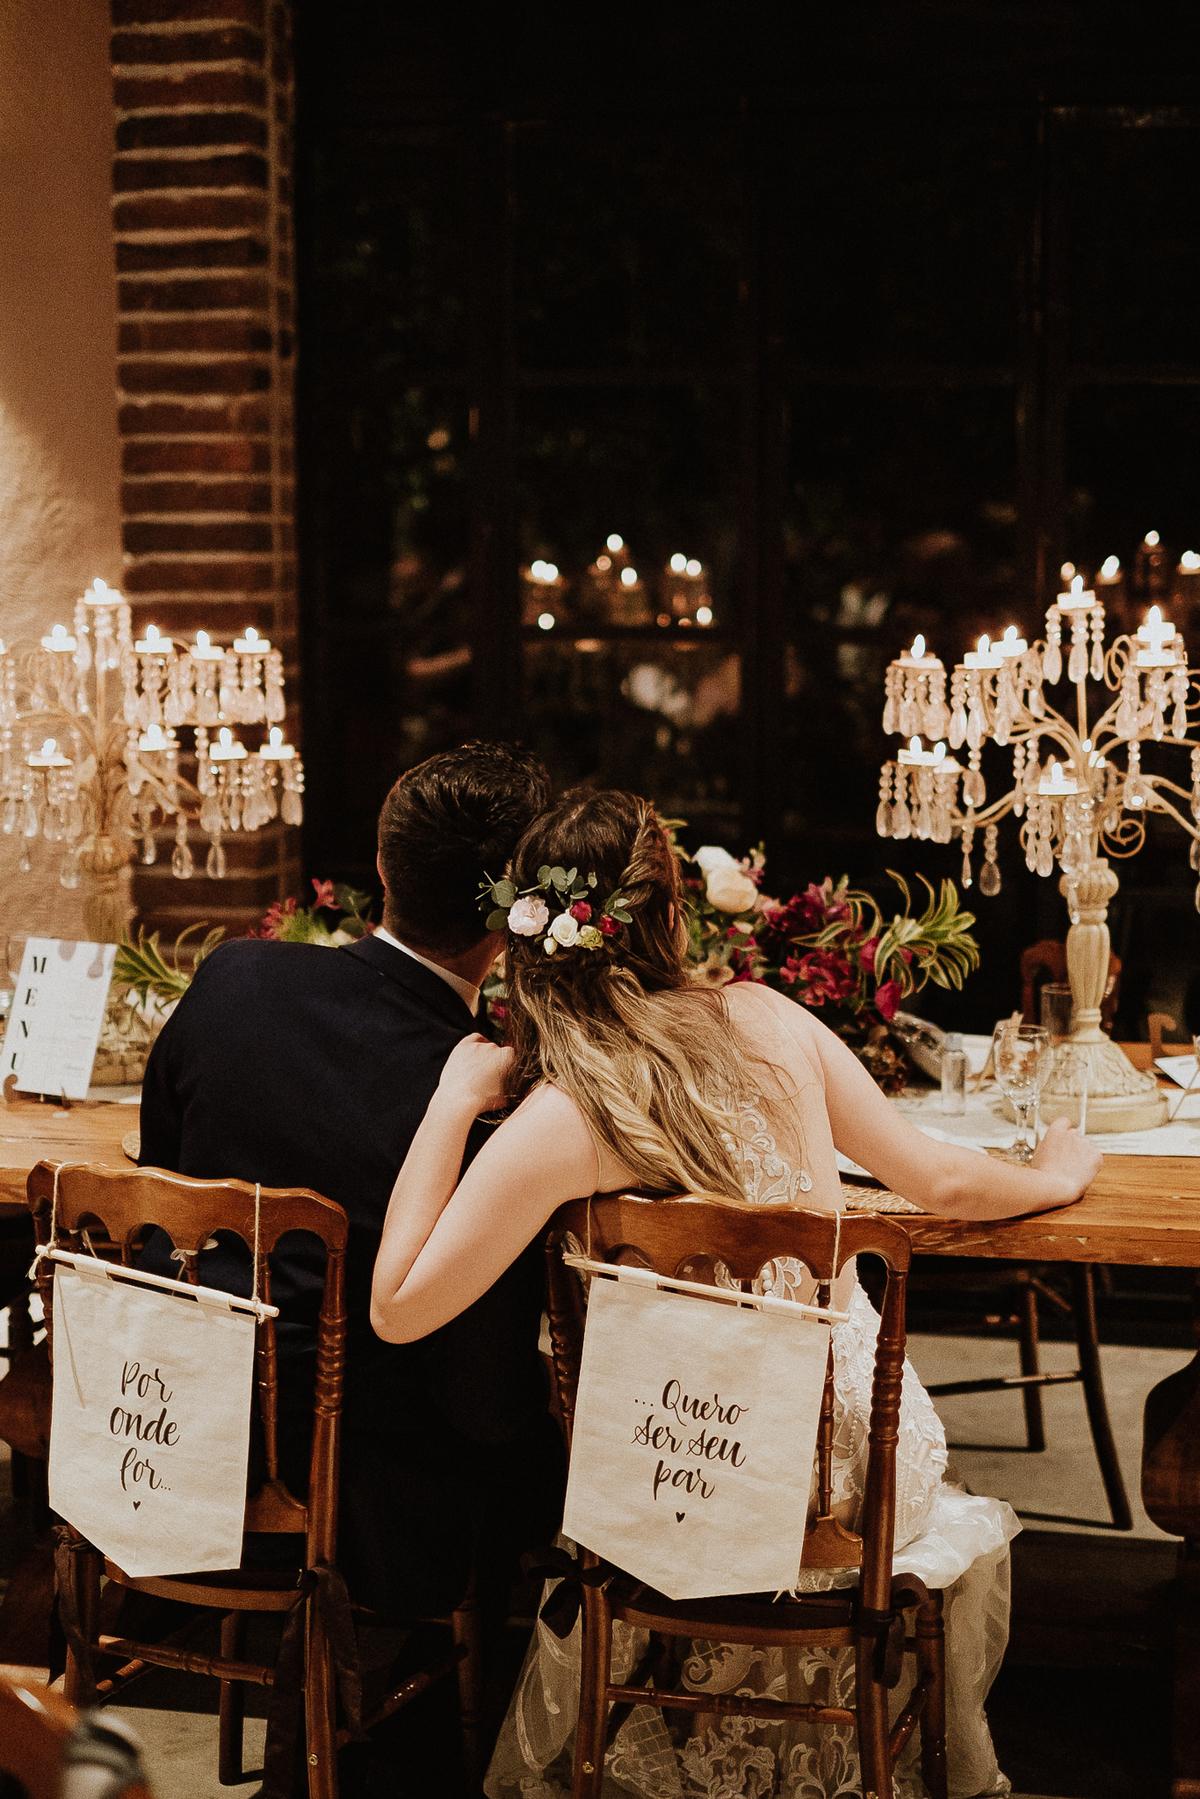 Bencao dos pais casamentos no campo fotos por caio henrique sitio sao jorge saida dos noivos sorrindo  ensaio pos cerimonia casal que samba decoracao de casamento mesa dos noivos